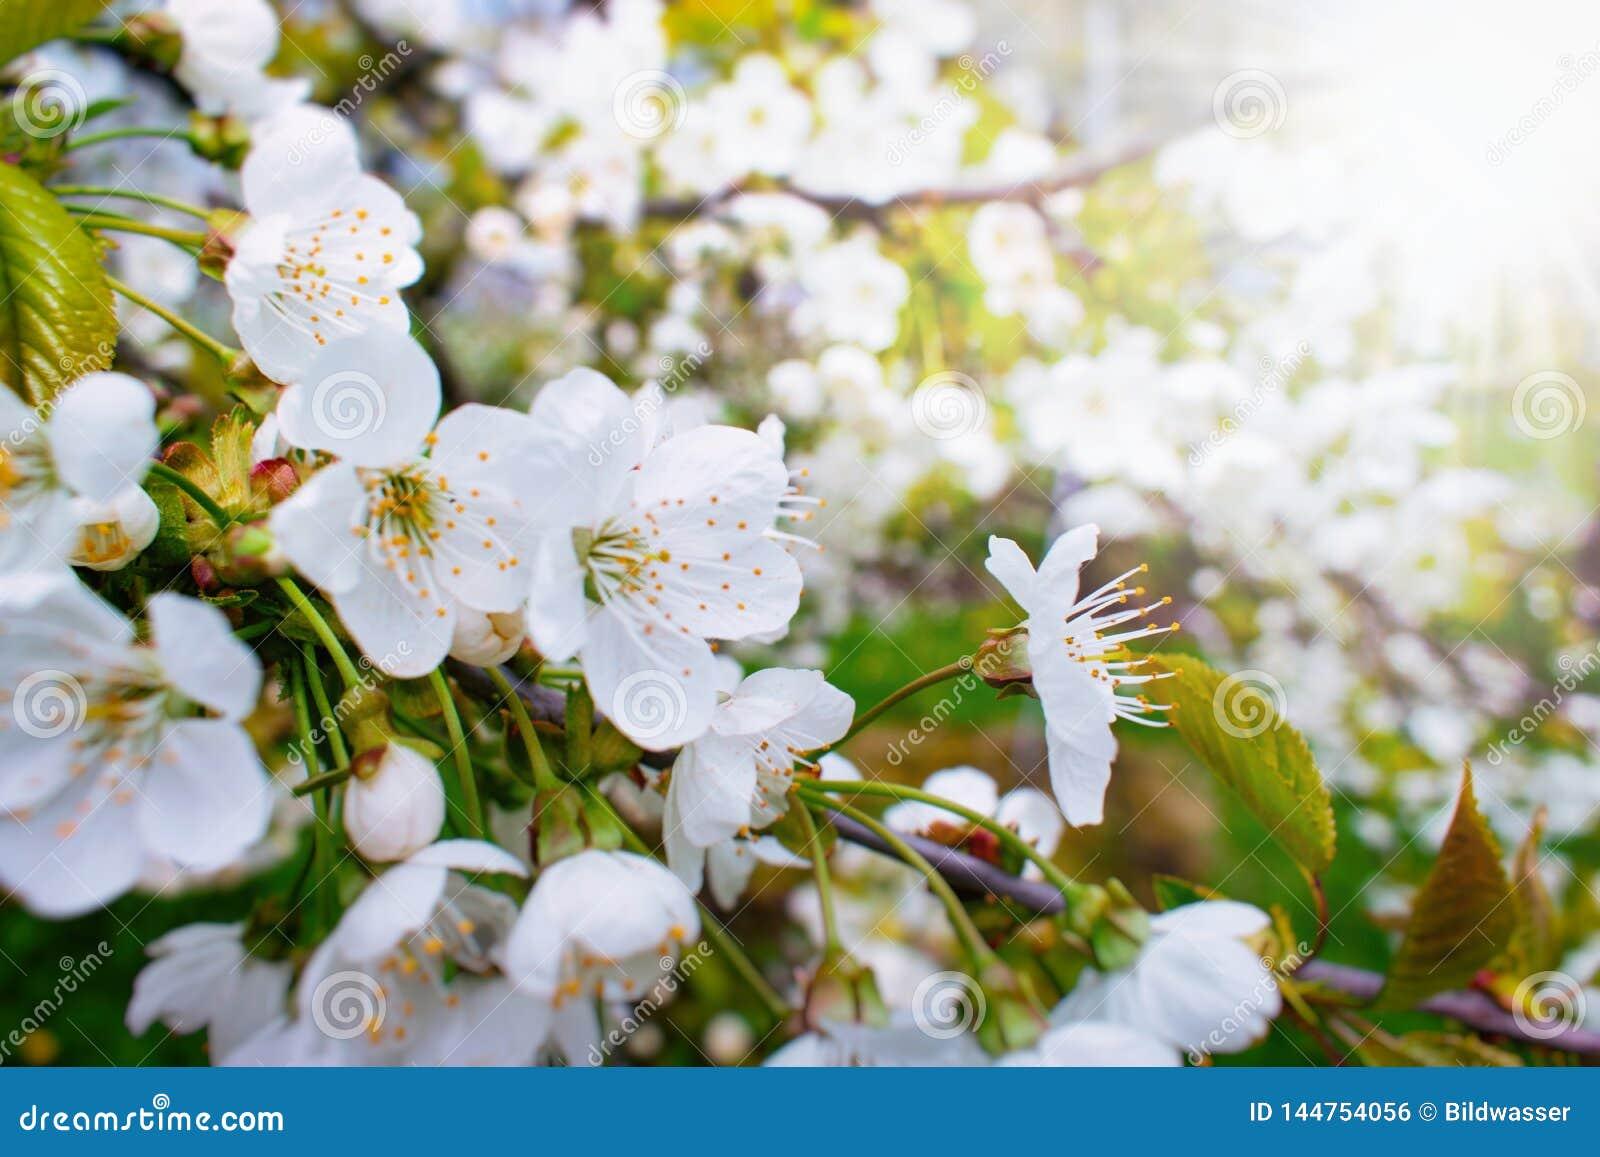 Mooi Cherry Tree Blossoms in de Zon